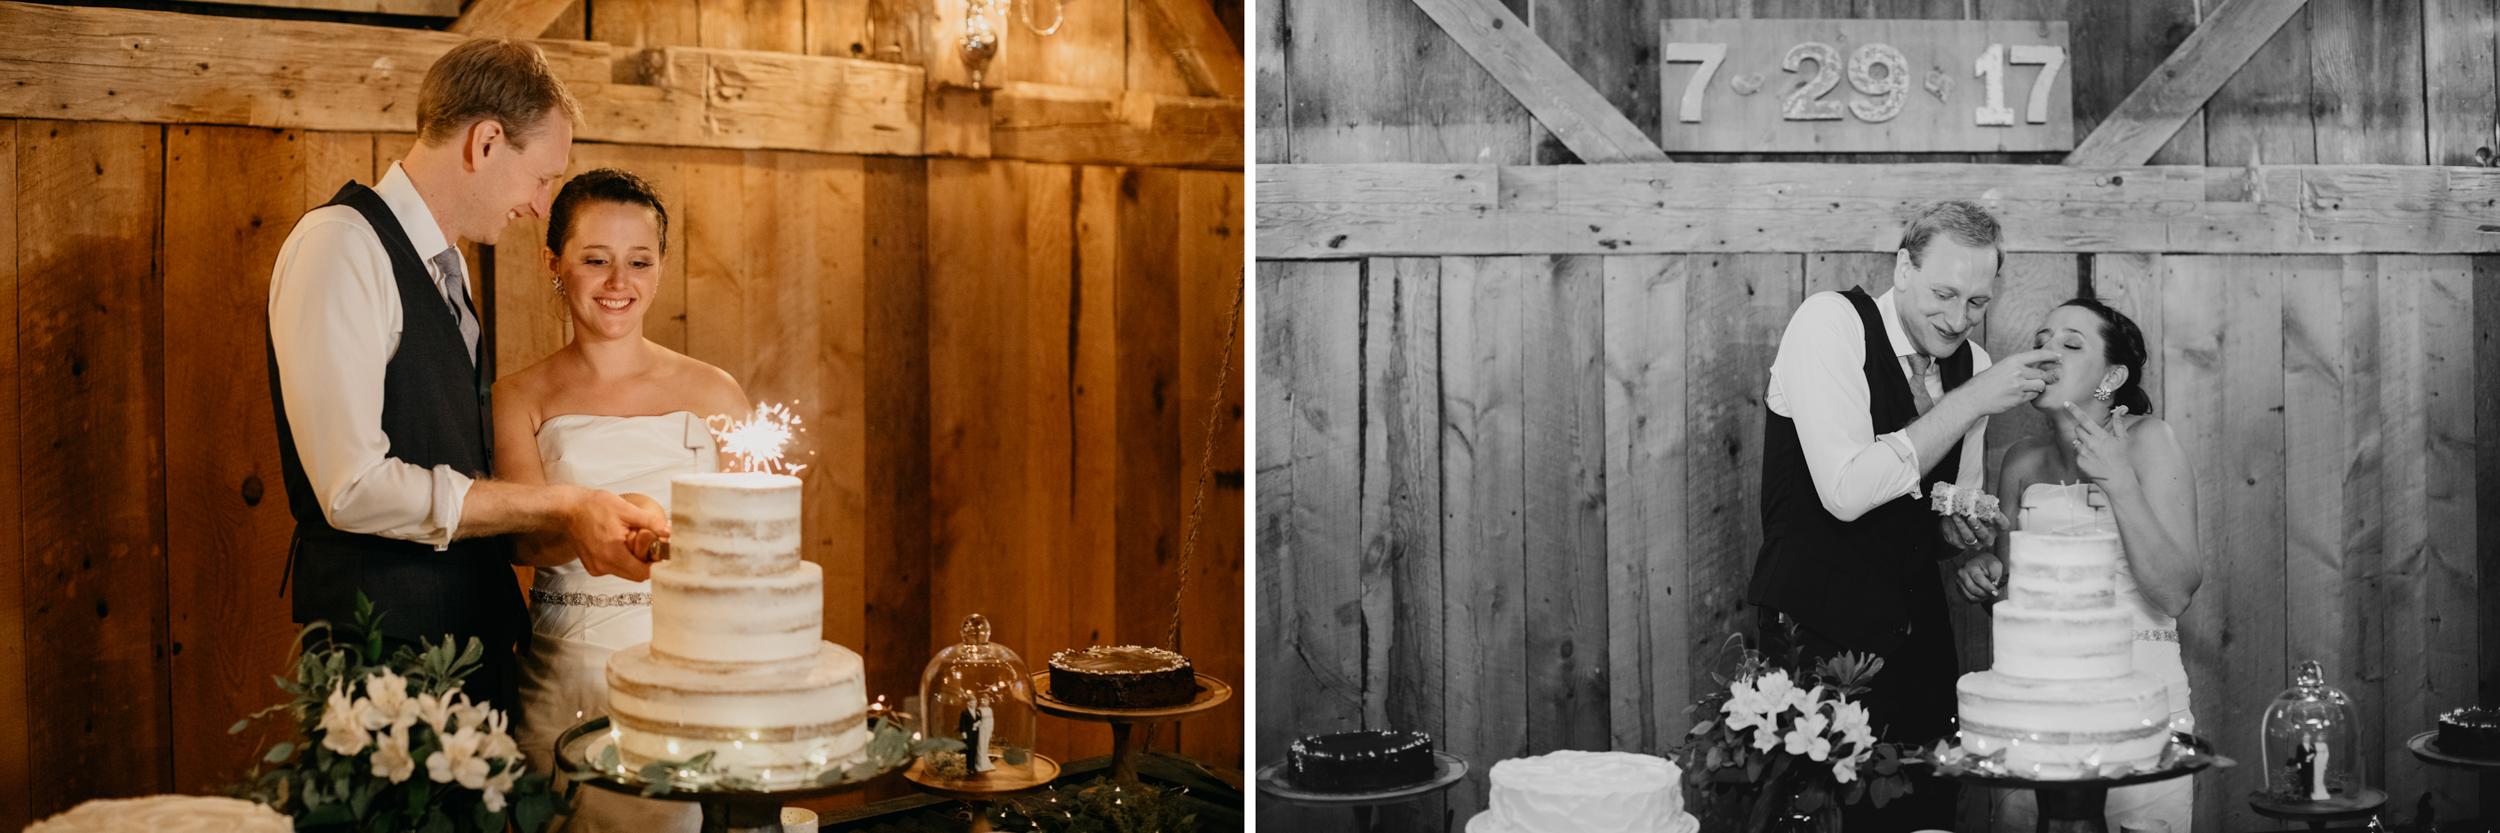 Jessie_Erik_Pownal_Maine_Wedding_William_allen_farm_050.jpg